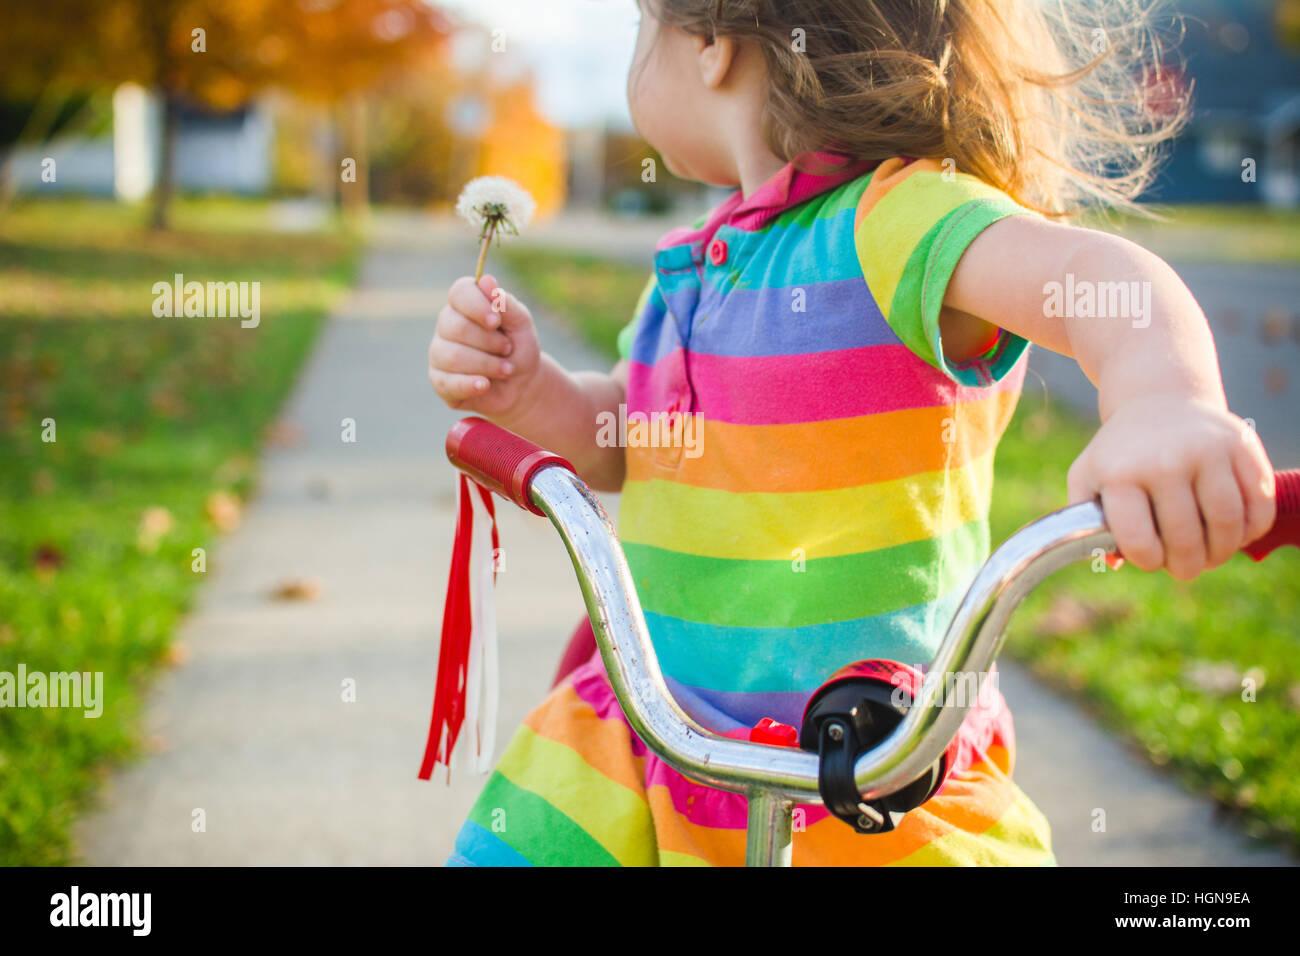 Una giovane ragazza tiene un dente di leone seduto su un triciclo. Immagini Stock